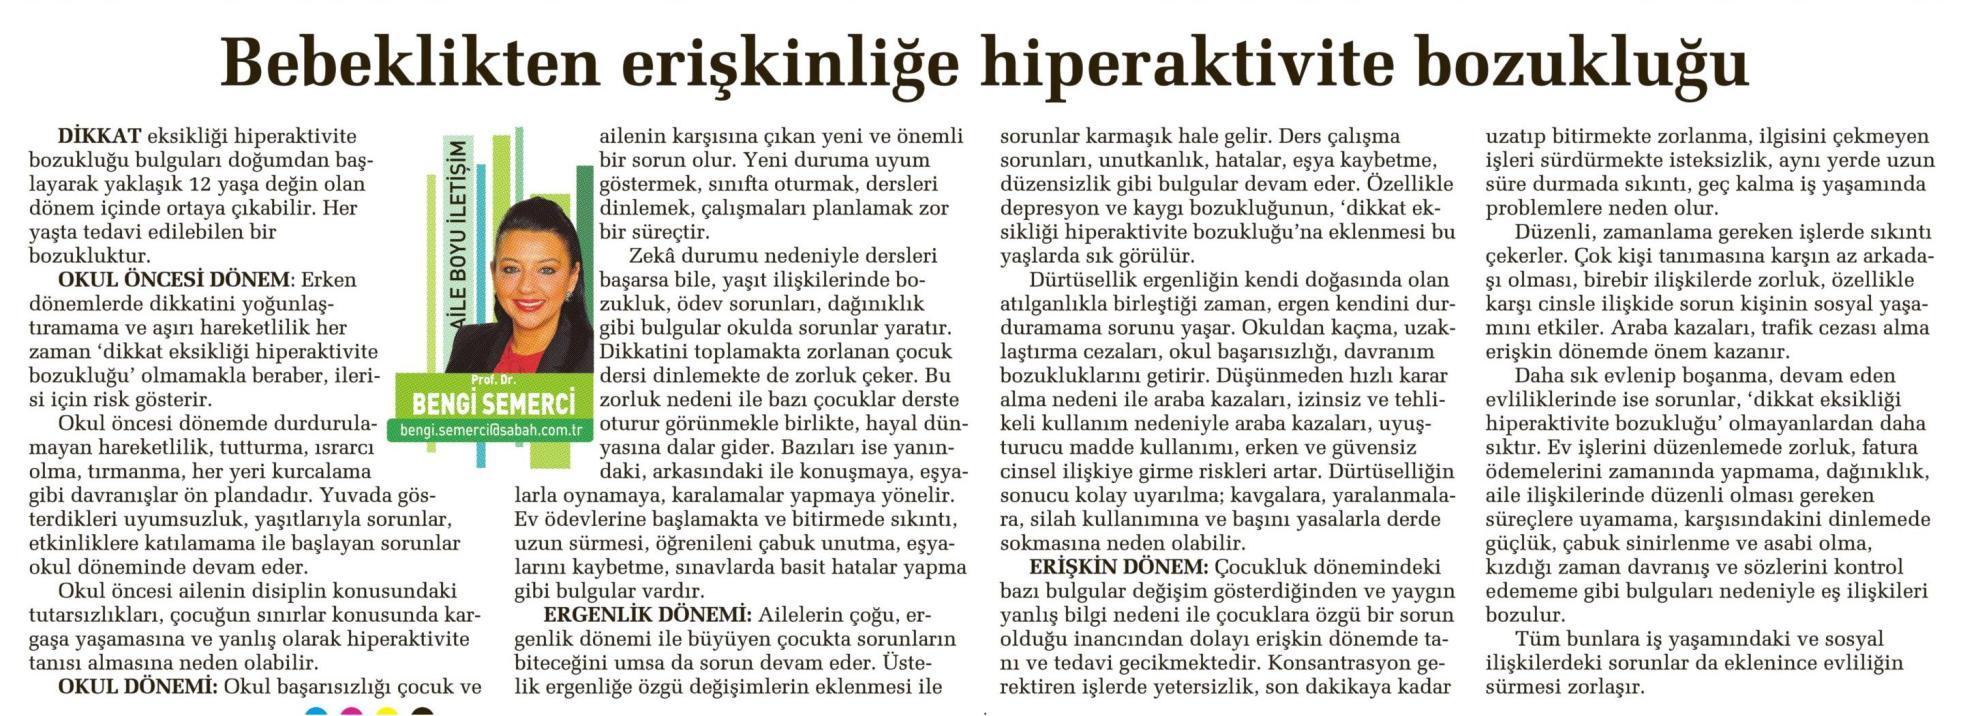 Bebeklikten erişkinliğe hiperaktivite bozukluğu - SABAH CUMARTESİ 26.04.2014